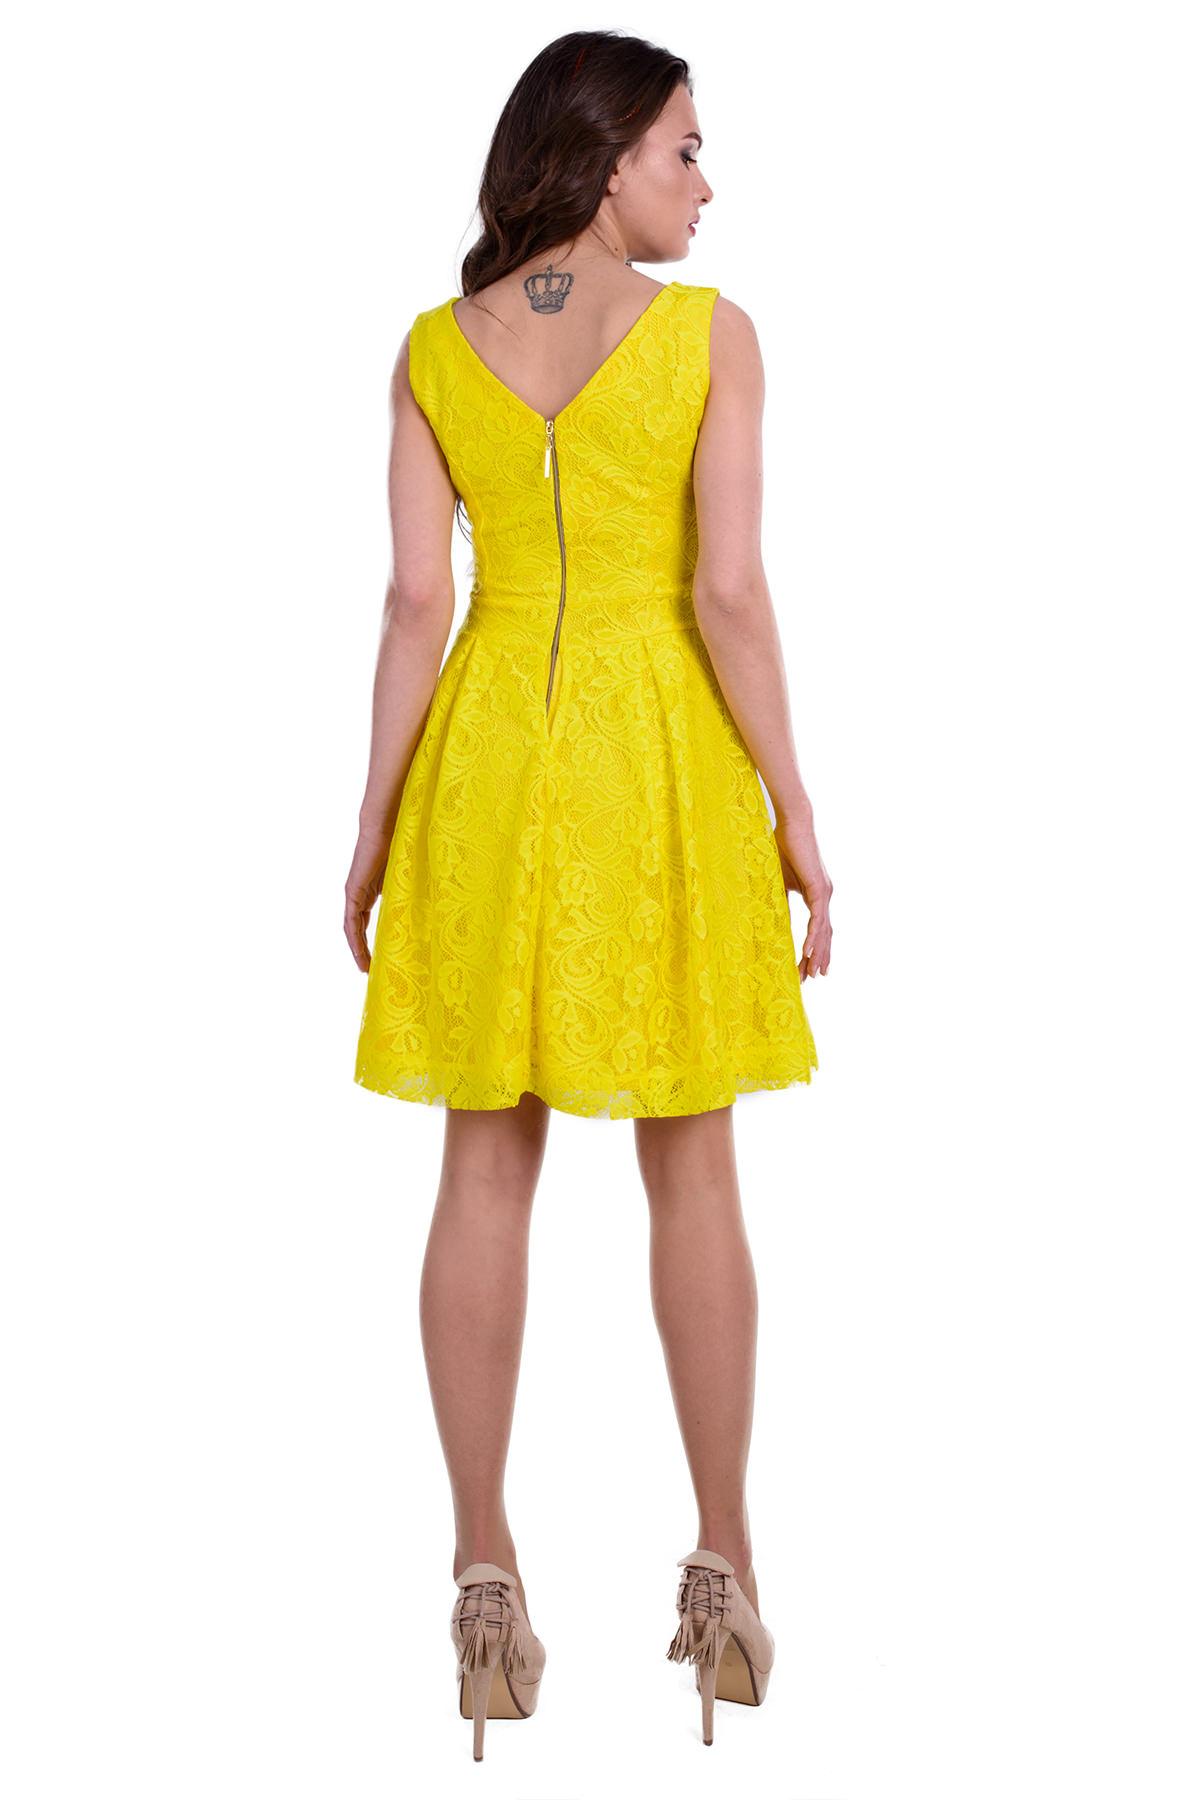 Платье Тирамису АРТ. 3633 Цвет: Желтый вензель 4 - фото 3, интернет магазин tm-modus.ru